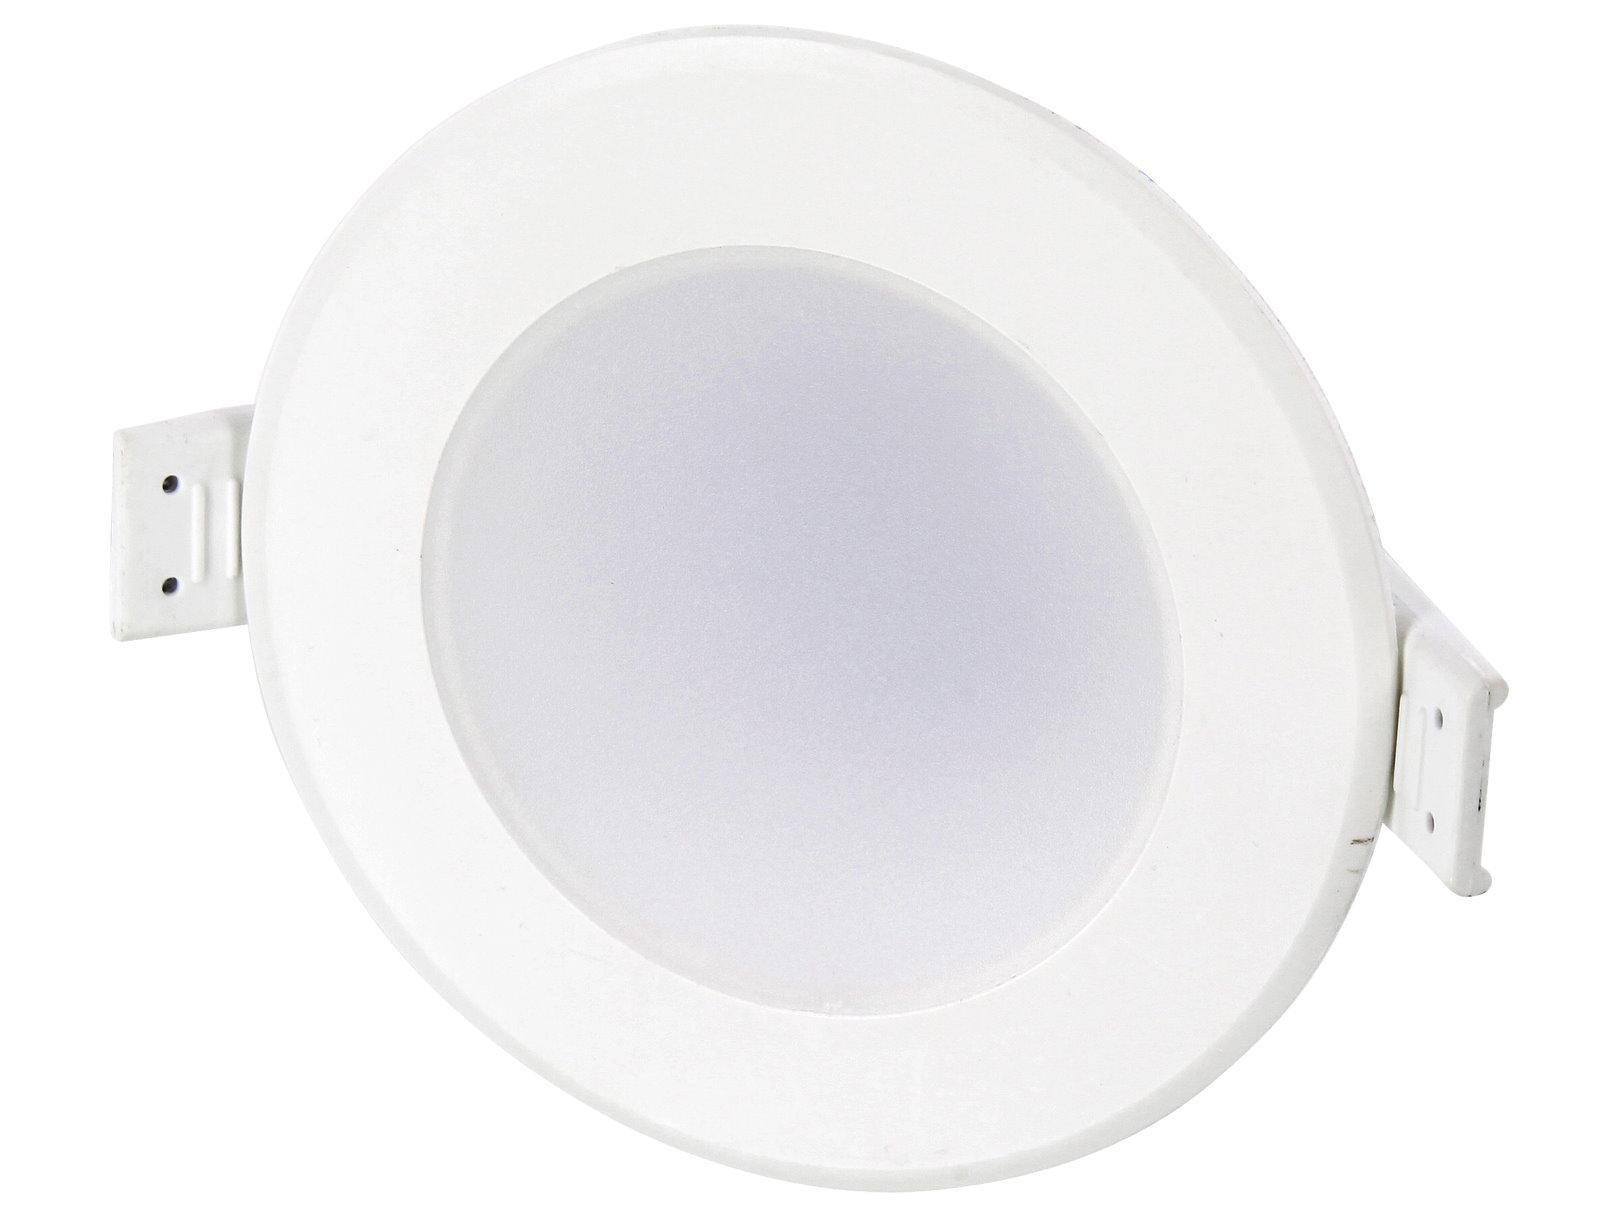 LED Einbaustrahler 7W 230V - 68mm